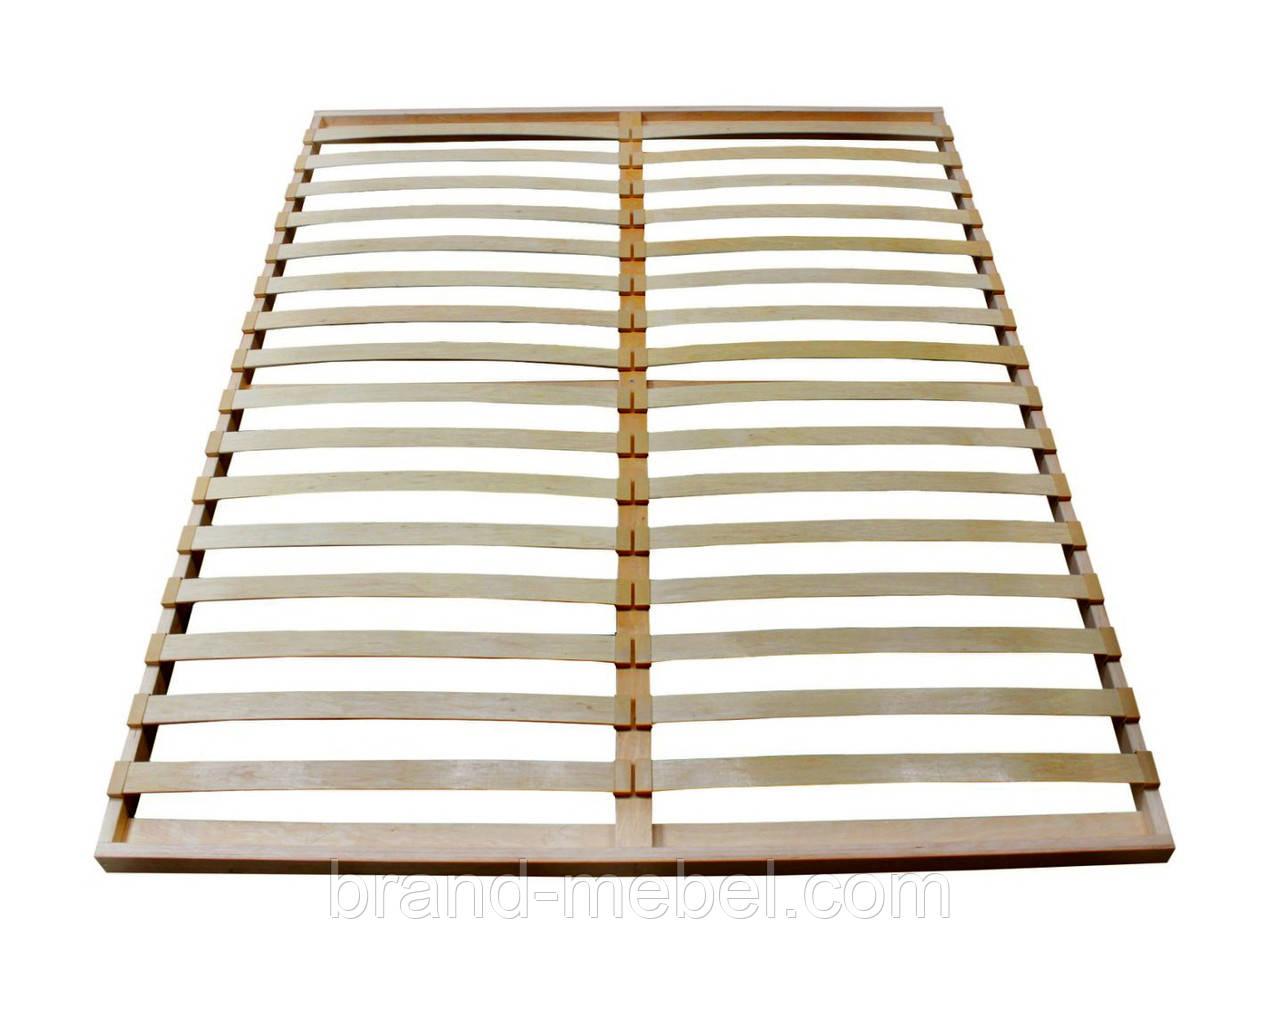 Каркас ліжка дерев'яний розбірний 200*150см